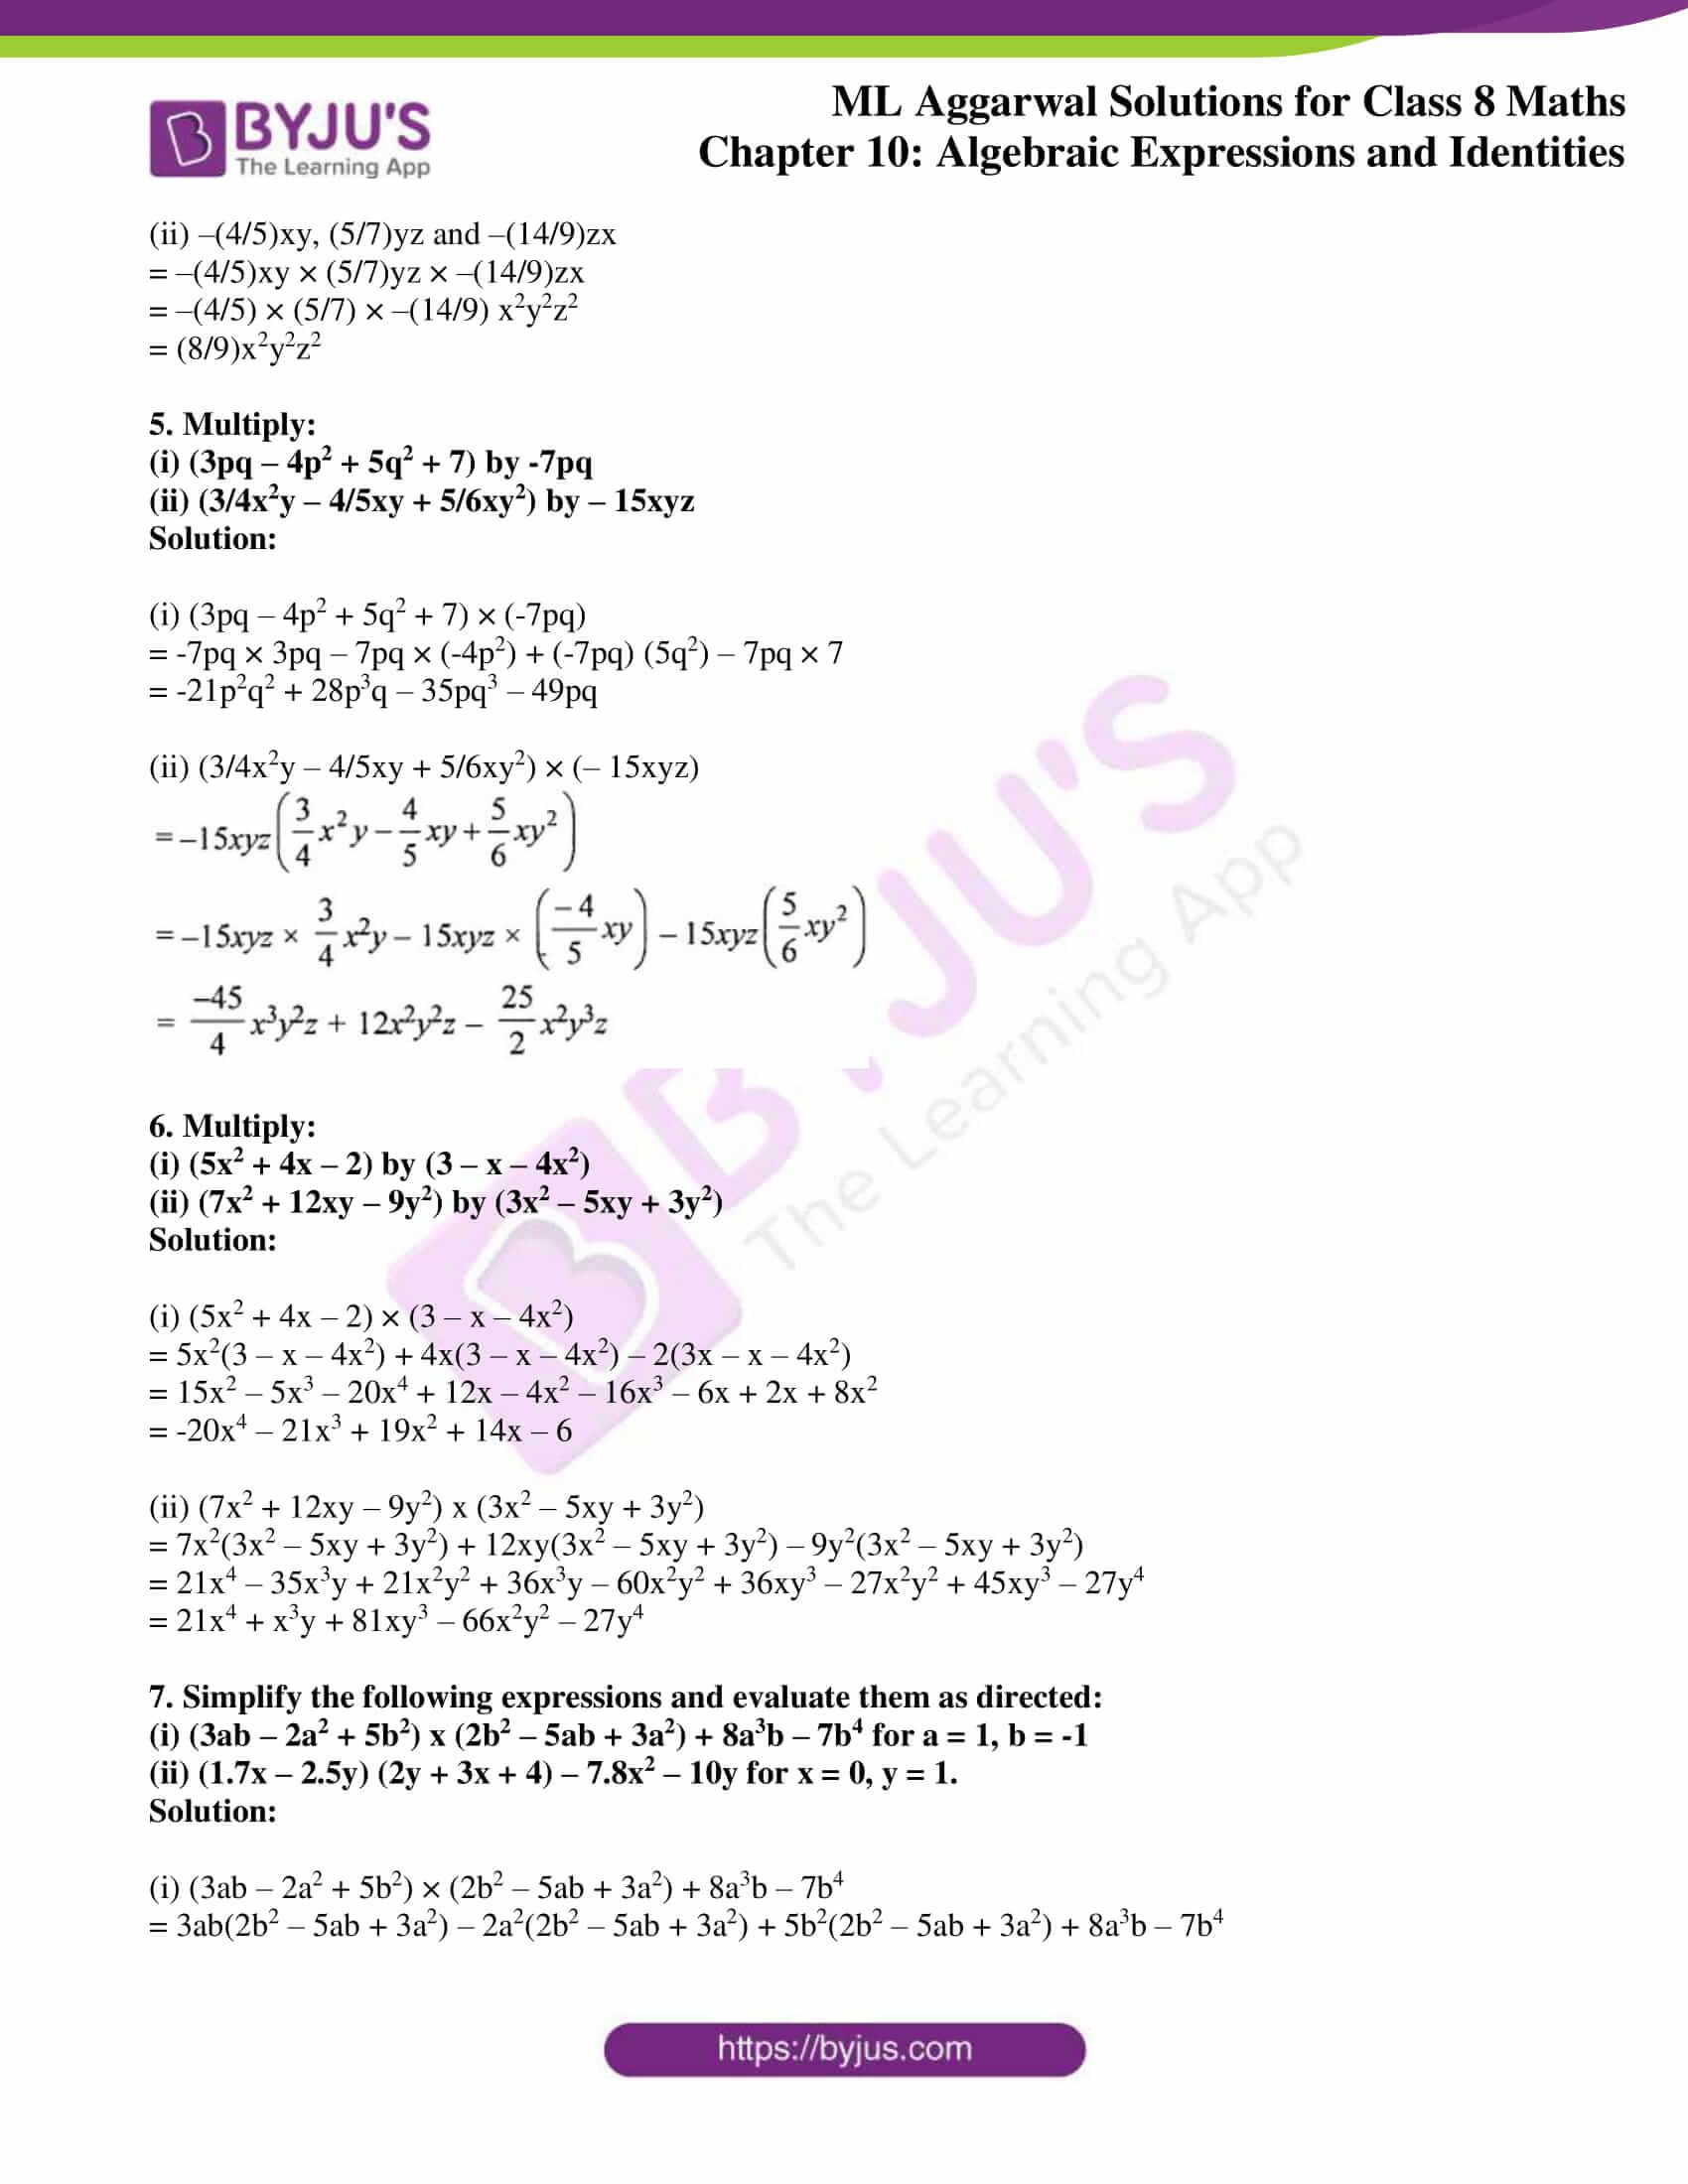 ml aggarwal sol mathematics class 8 ch 10 27